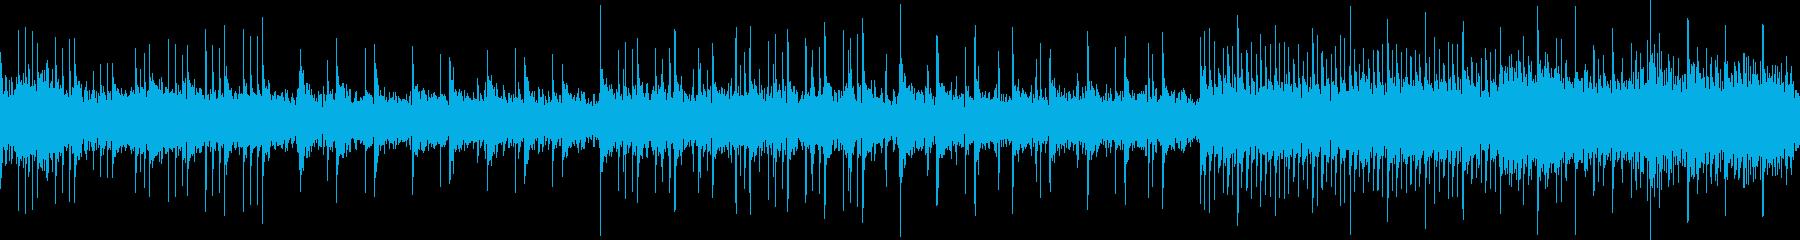 沖縄風三味線のリラクゼーション曲の再生済みの波形